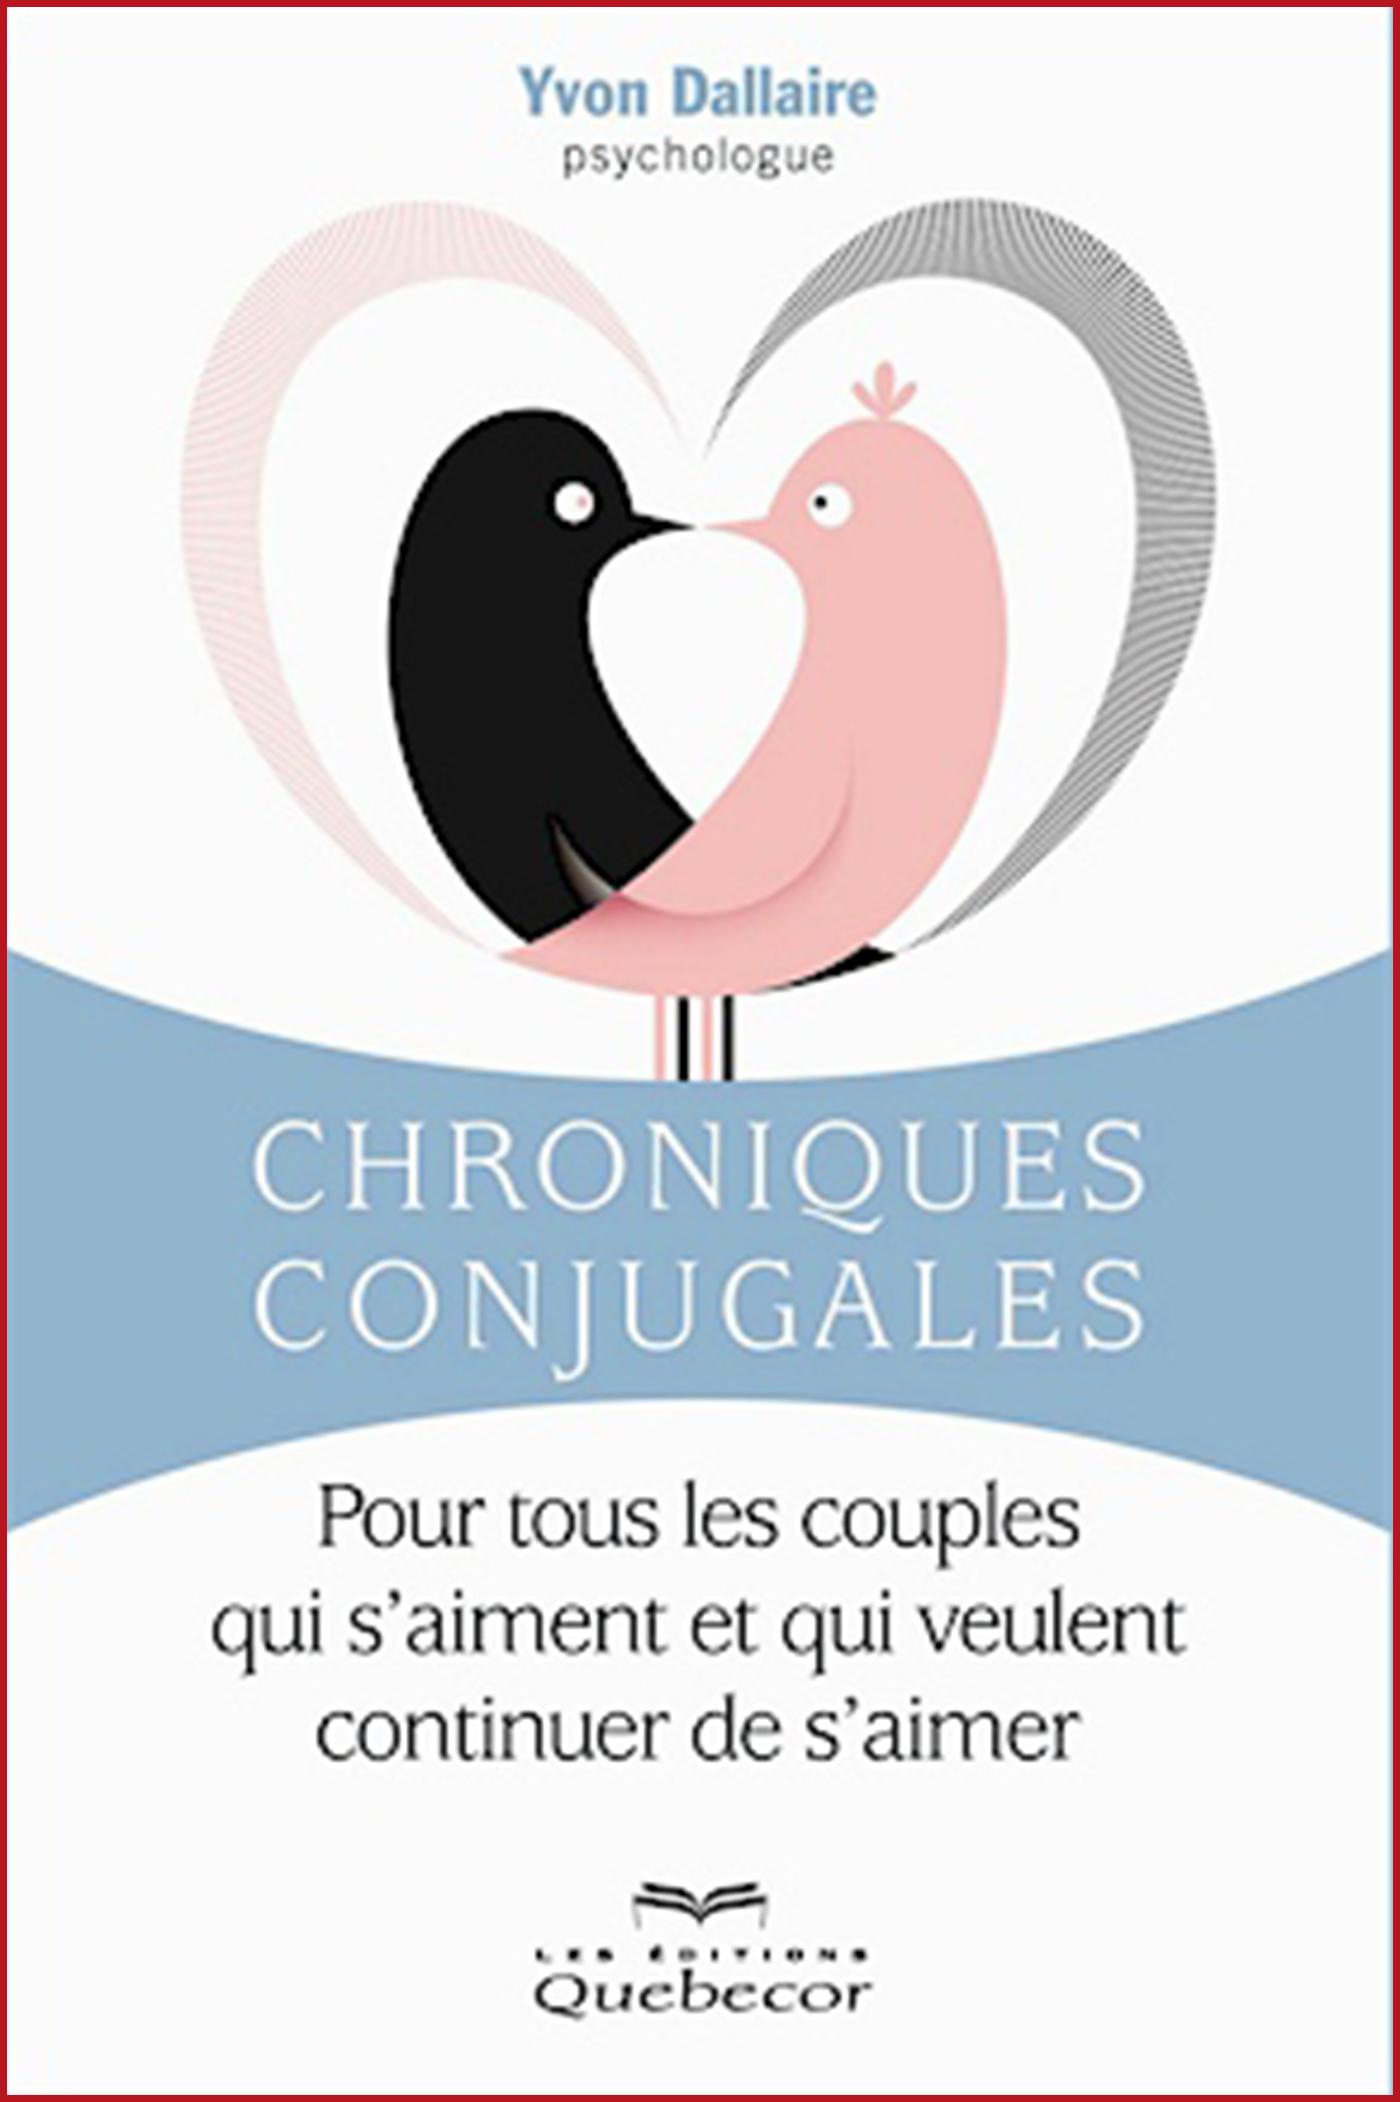 chroniques conjugales yvon dallaire livre en duel ou en duo valerie sentenne intello stephane lecault artiste couple